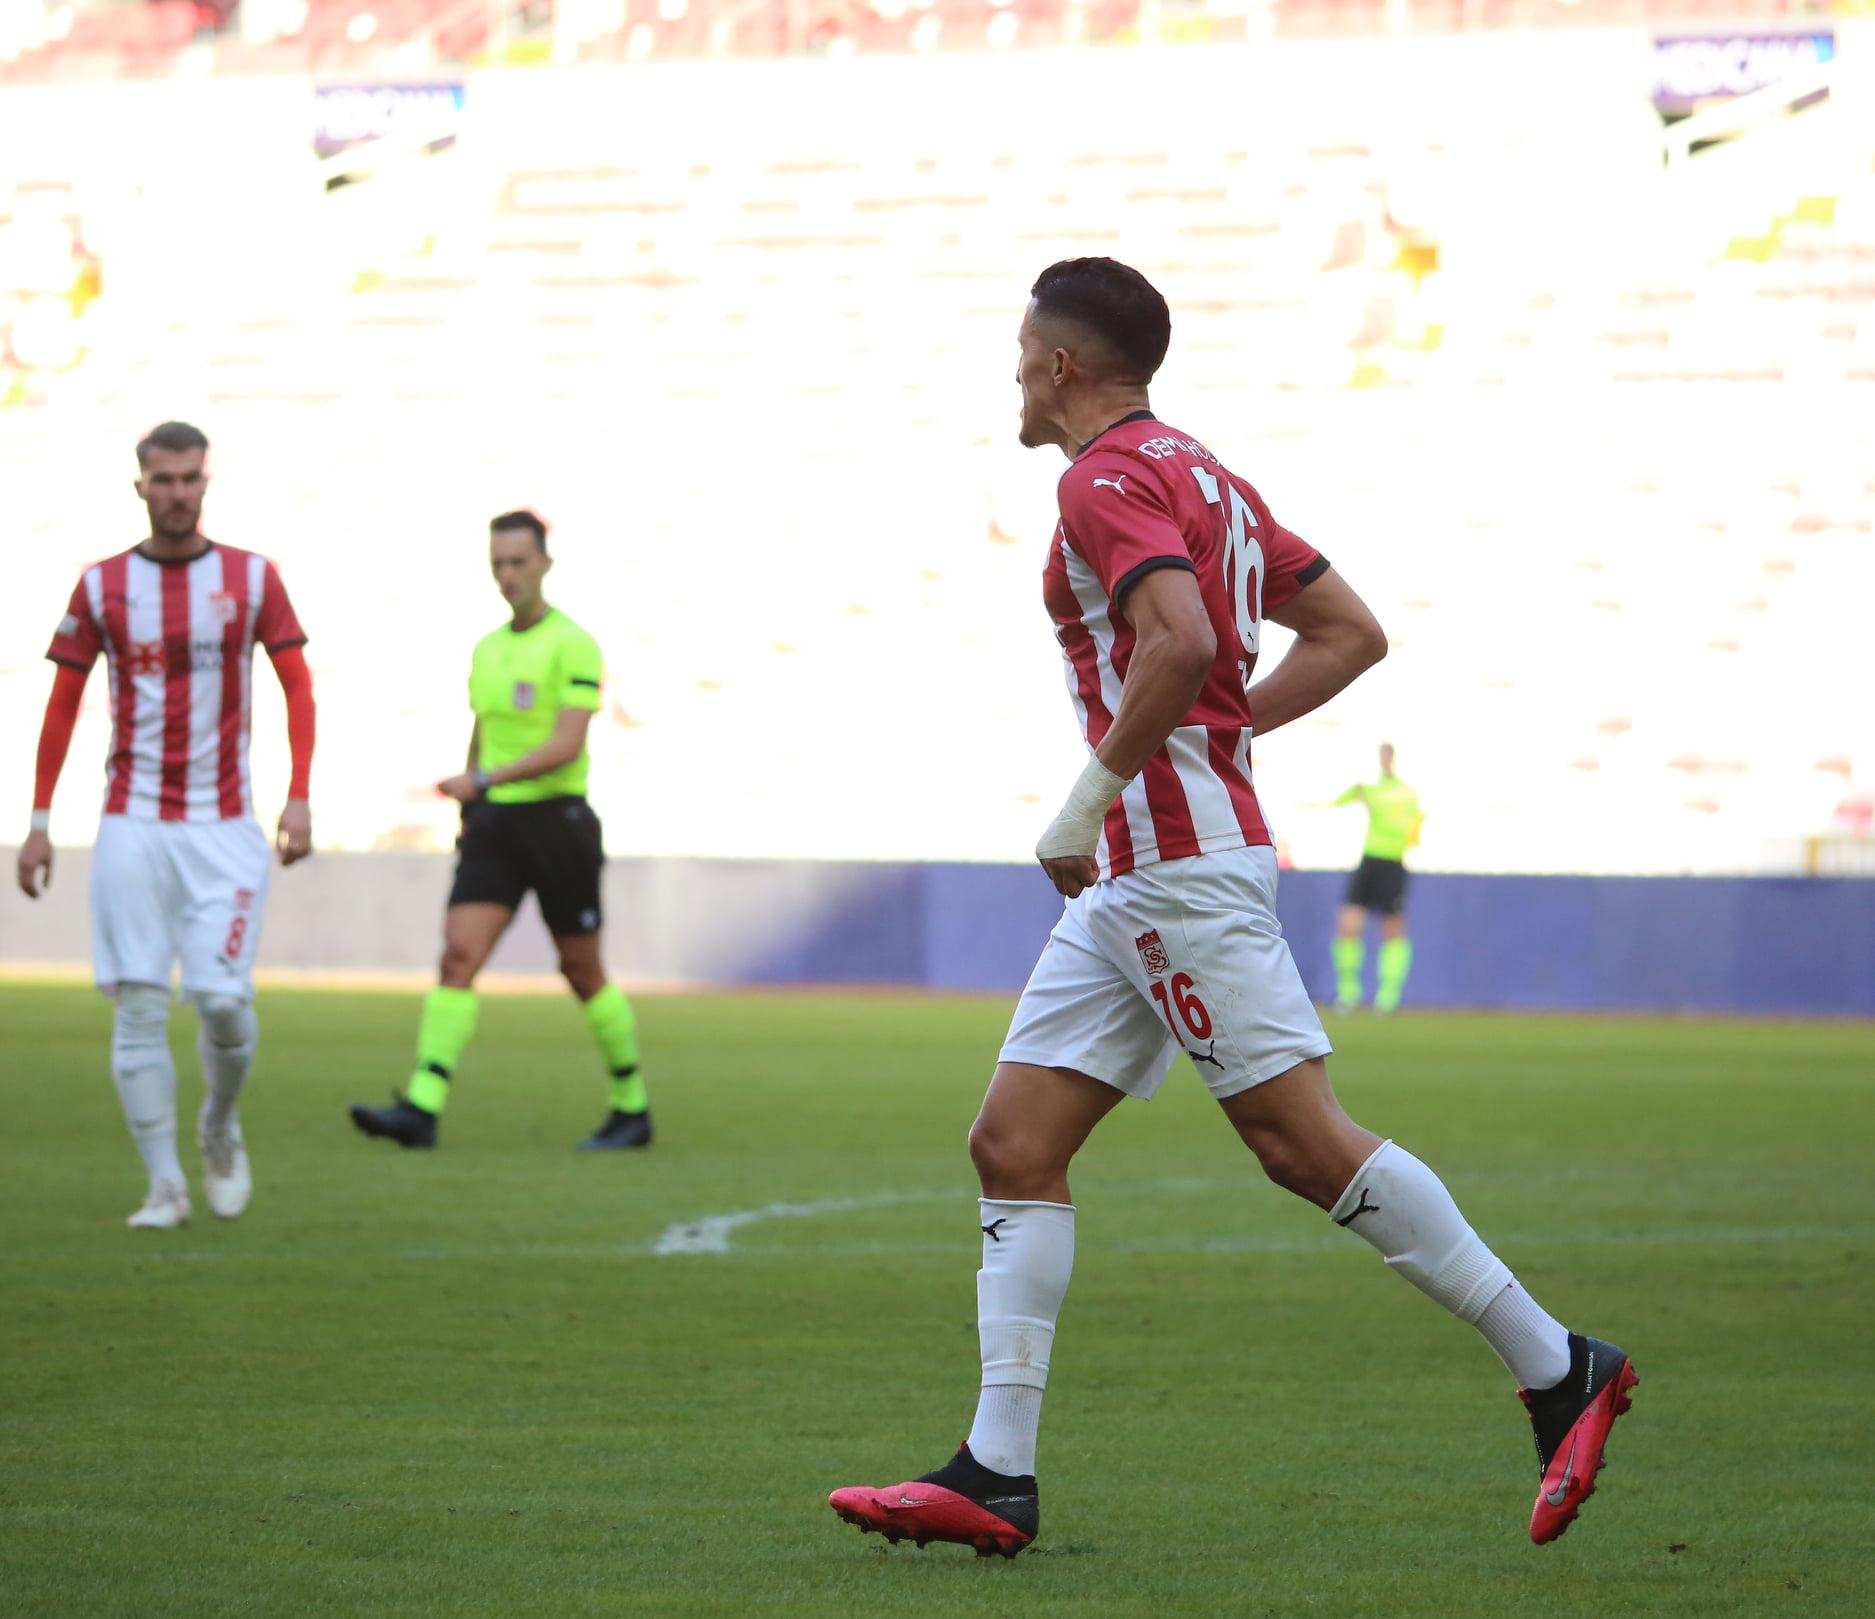 ثلاثة دوليين مغاربة في ربع النهائي